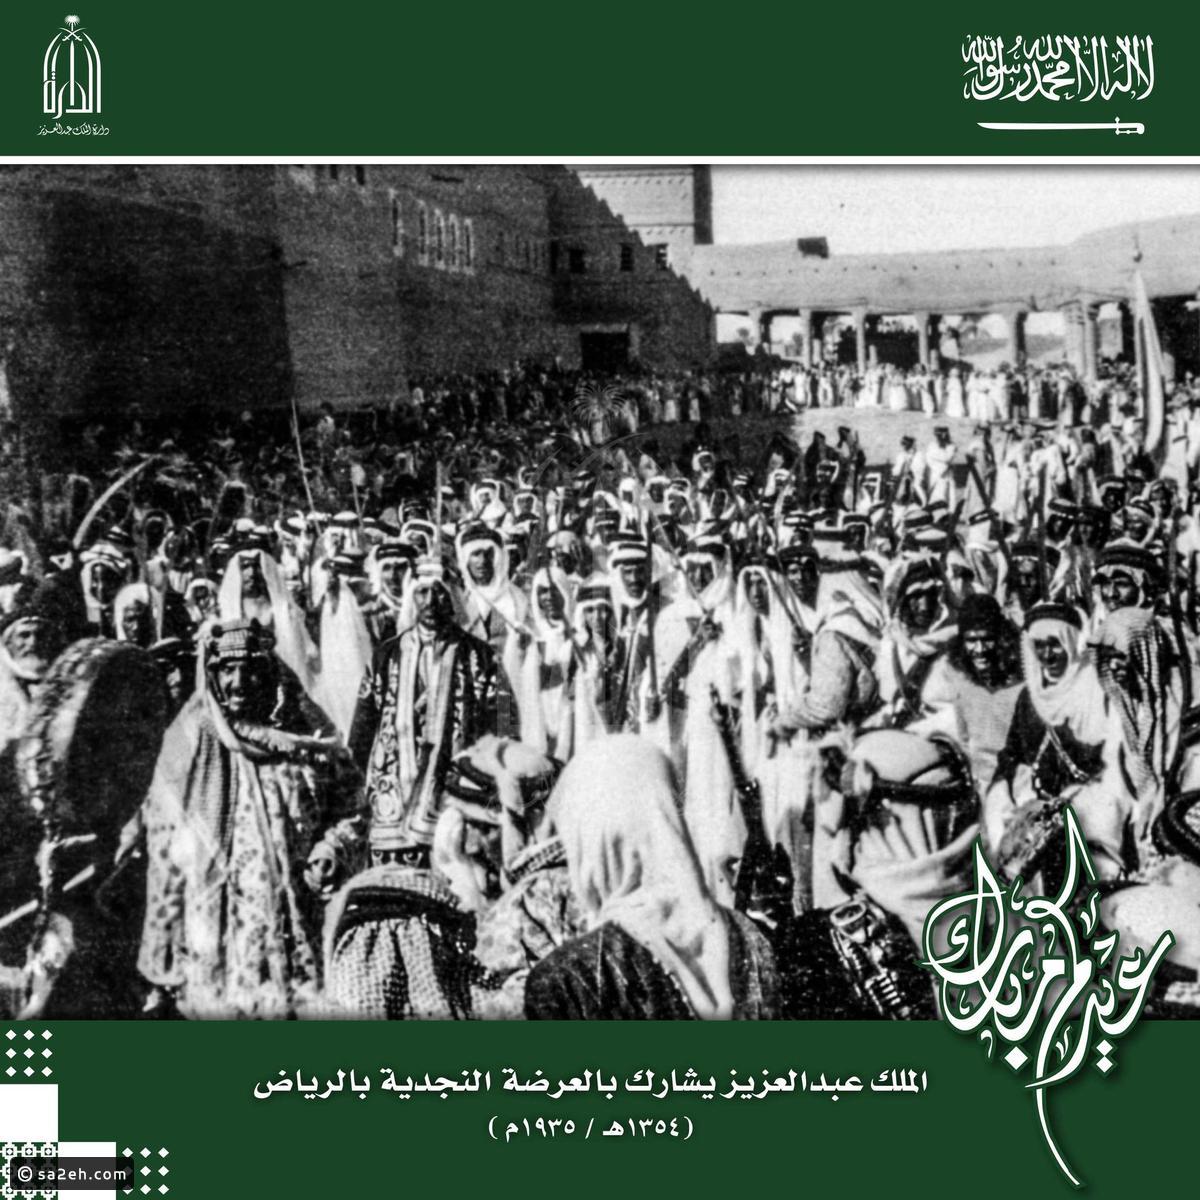 awww.alqiyady.com_site_images_sites_default_files_alqiyady_pro498e9223b3a97bf0e0e72a3a06999e0c.